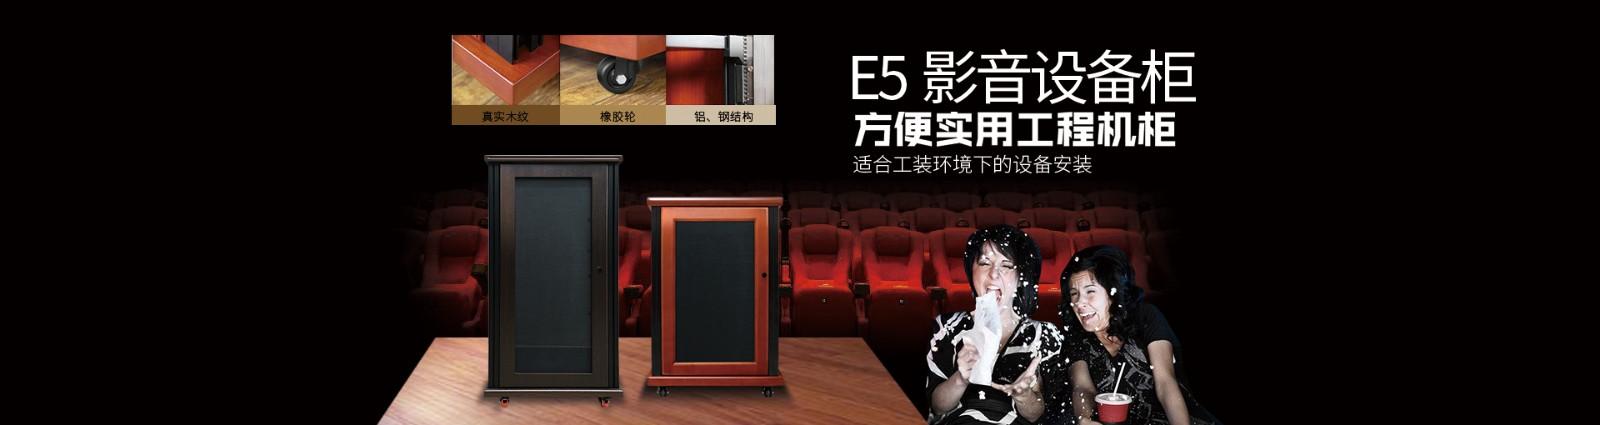 E-JOIN猛犸机柜E5-J1380H专业影音实网络服务器机柜音箱机架实木板材可定制 索菲亚红 1340*600*600mm